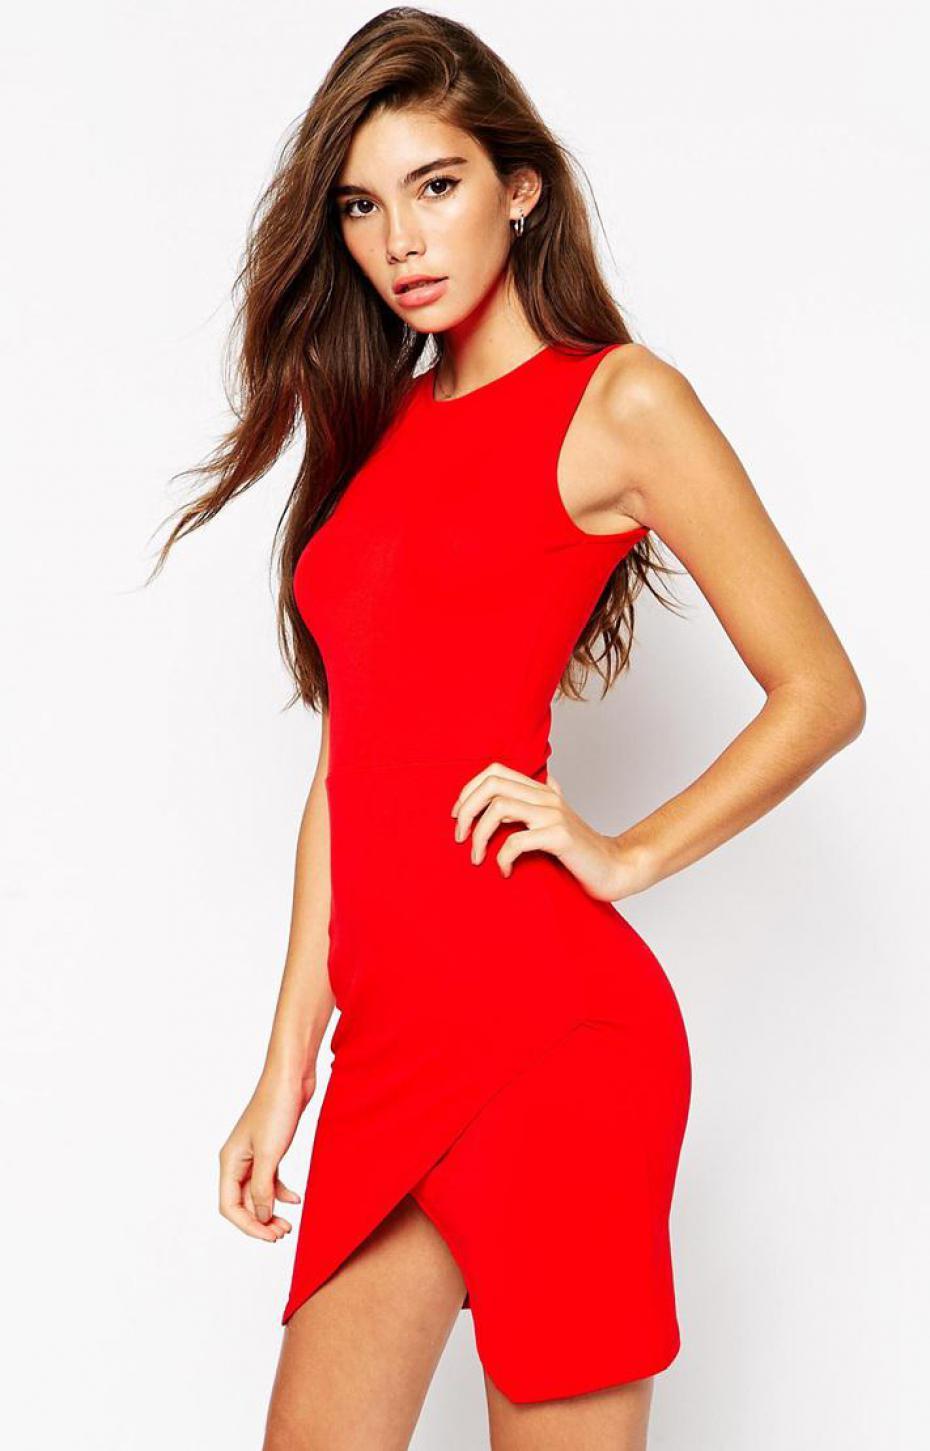 Robe rouge pour un diner ou un rendez vous romantique c - J ai decide de ne plus porter de sous vetements ...